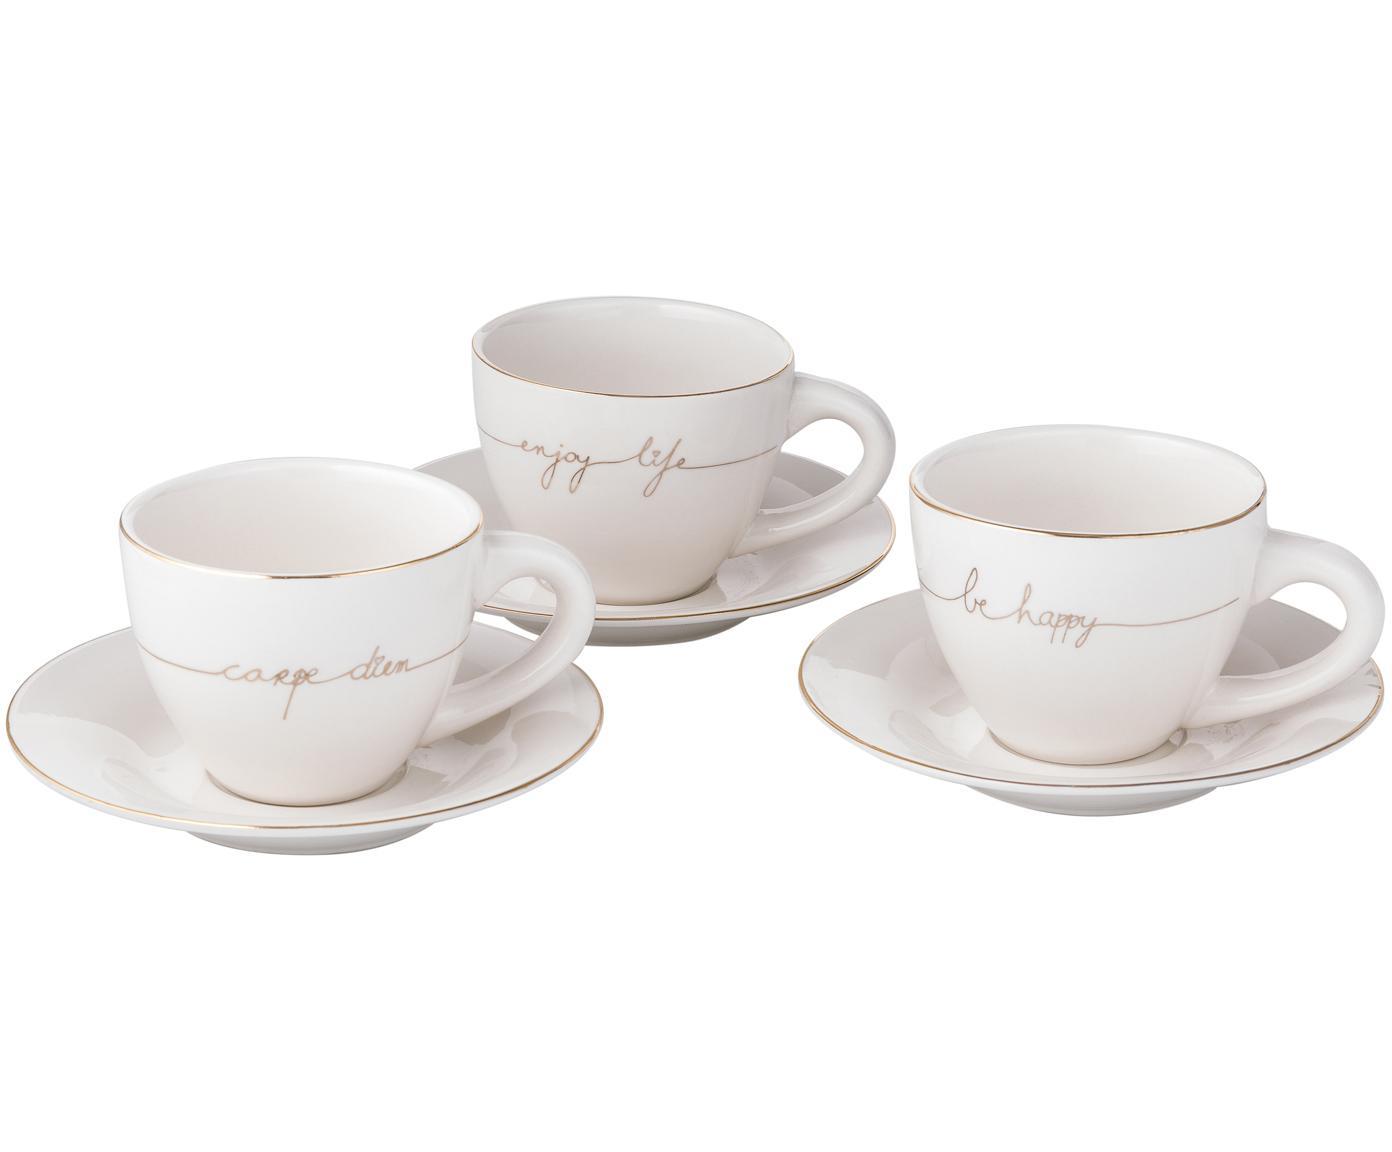 Set de tazas Happy, 6pzas., Porcelana, Blanco, dorado, Ø 15 x Al 8 cm